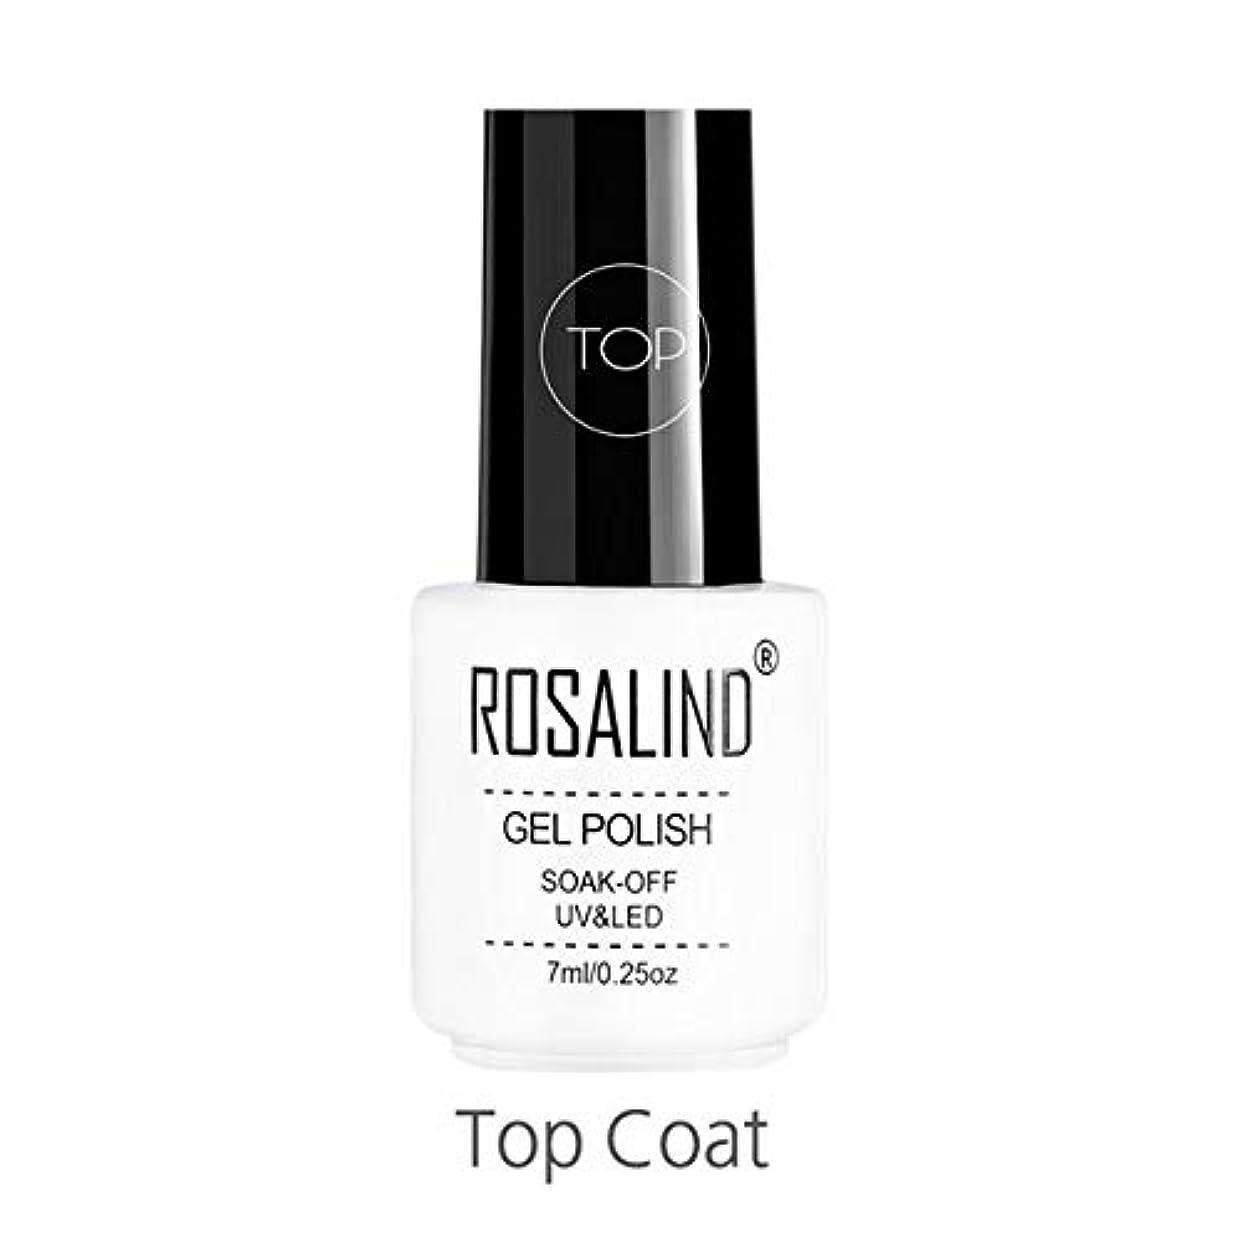 維持失う誤解させるファッションアイテム ROSALINDジェルポリッシュセットUV半永久プライマートップコートポリジェルニスネイルアートマニキュアジェル、容量:7mlトップネイルグルー 環境に優しいマニキュア